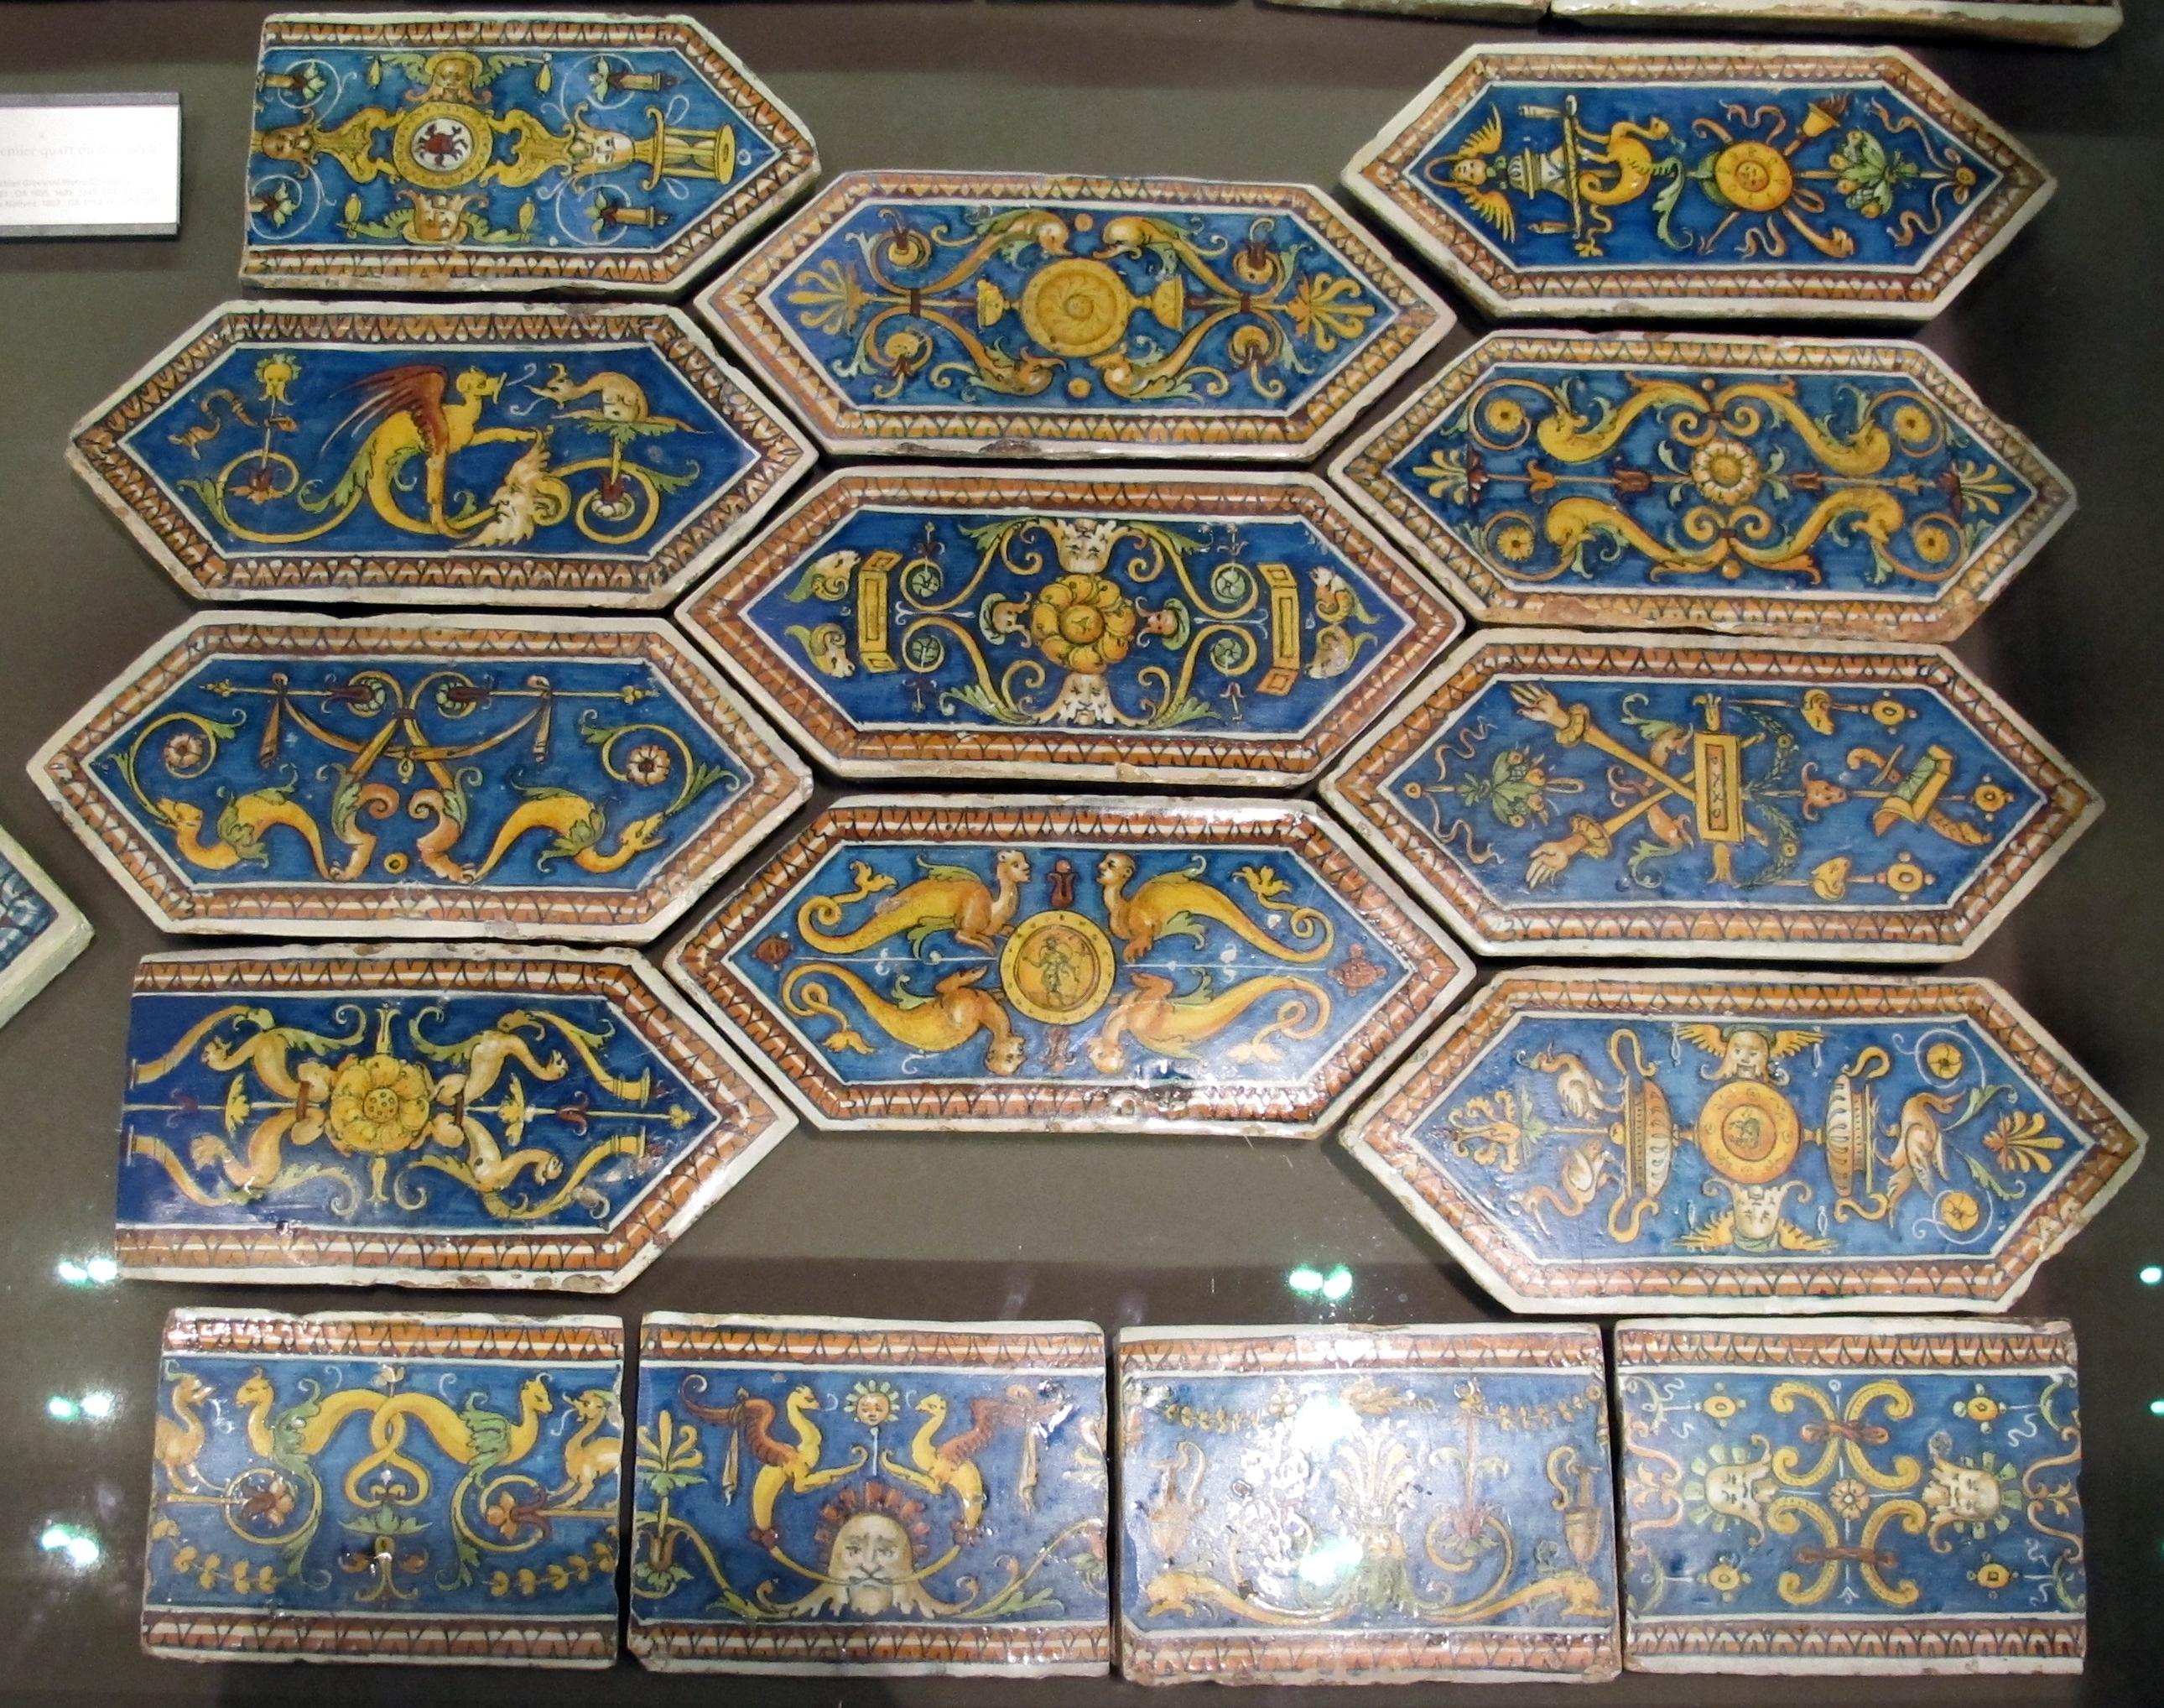 Mattonelle pavimenti mattonelle a spacco naturale blu acqua with mattonelle come un bagno - Verniciare piastrelle pavimento ...